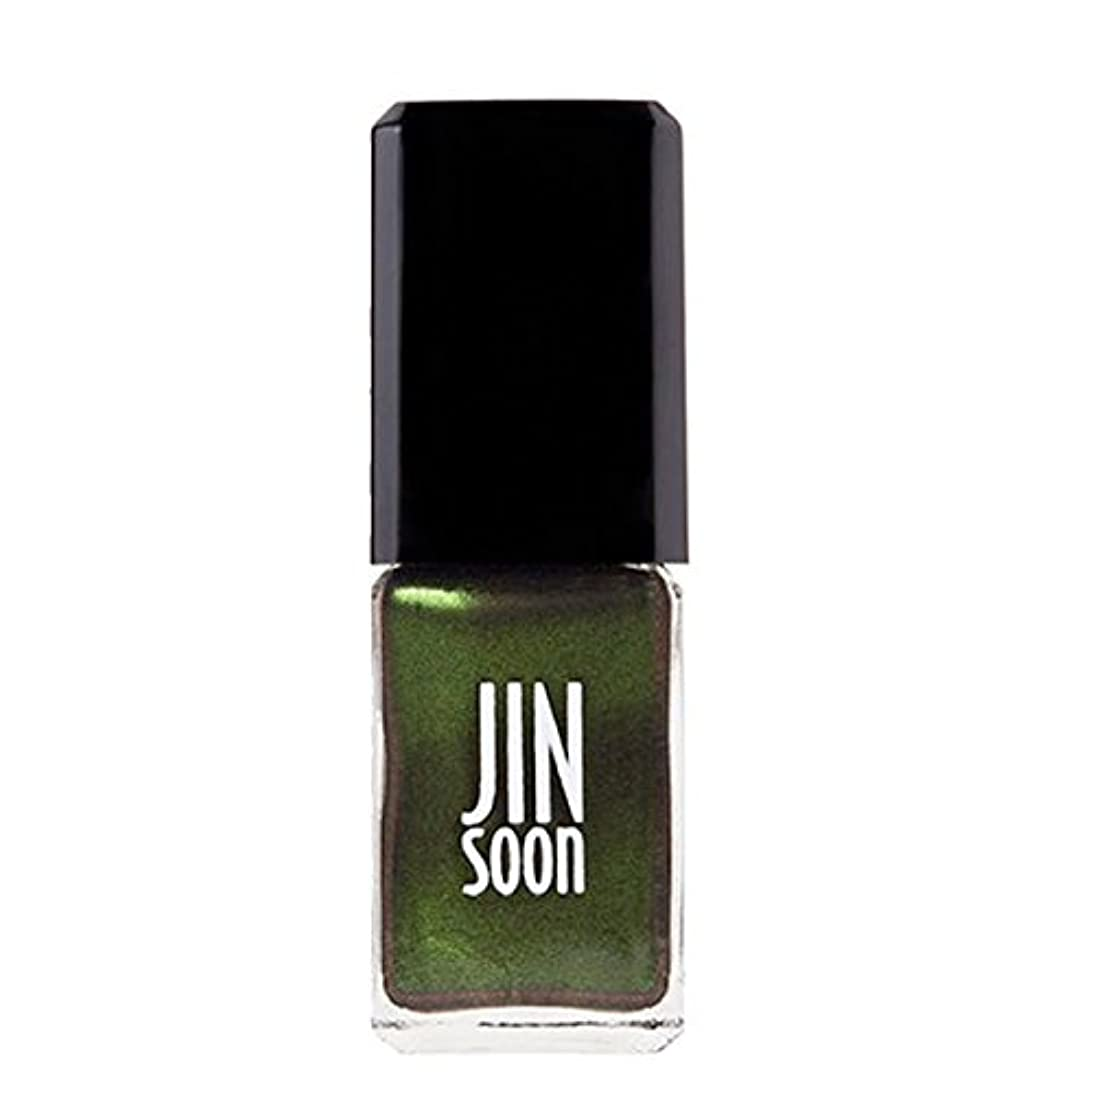 立派な時々スクラップ[ジンスーン] [ jinsoon] エピドート(ホログラフィック オリーブ グリーン)EPIDOTE ジンスーン 5フリー ネイルポリッシュ 【グリーン】11mL